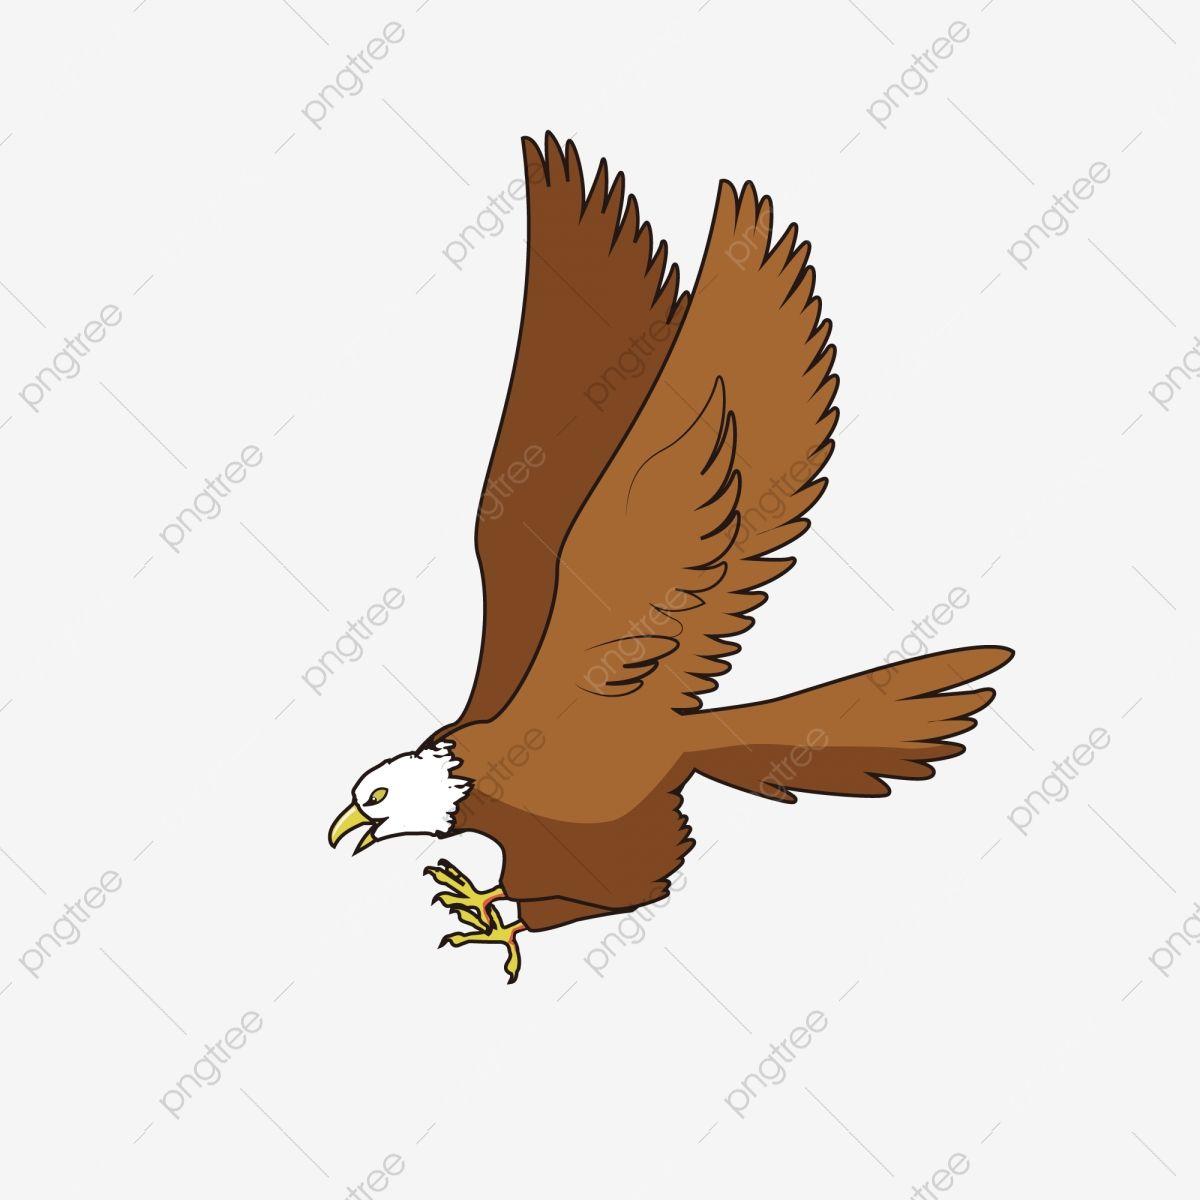 القطامي الصقور والنسور الصقور والطيور Goshawks العصفور الصقور والأسرة الصقر والحيوانات آكلة اللحوم شرسة الطيور الجارحة ناقلات صور ملونة منظمة العفو الدو Animals Eagle Rooster